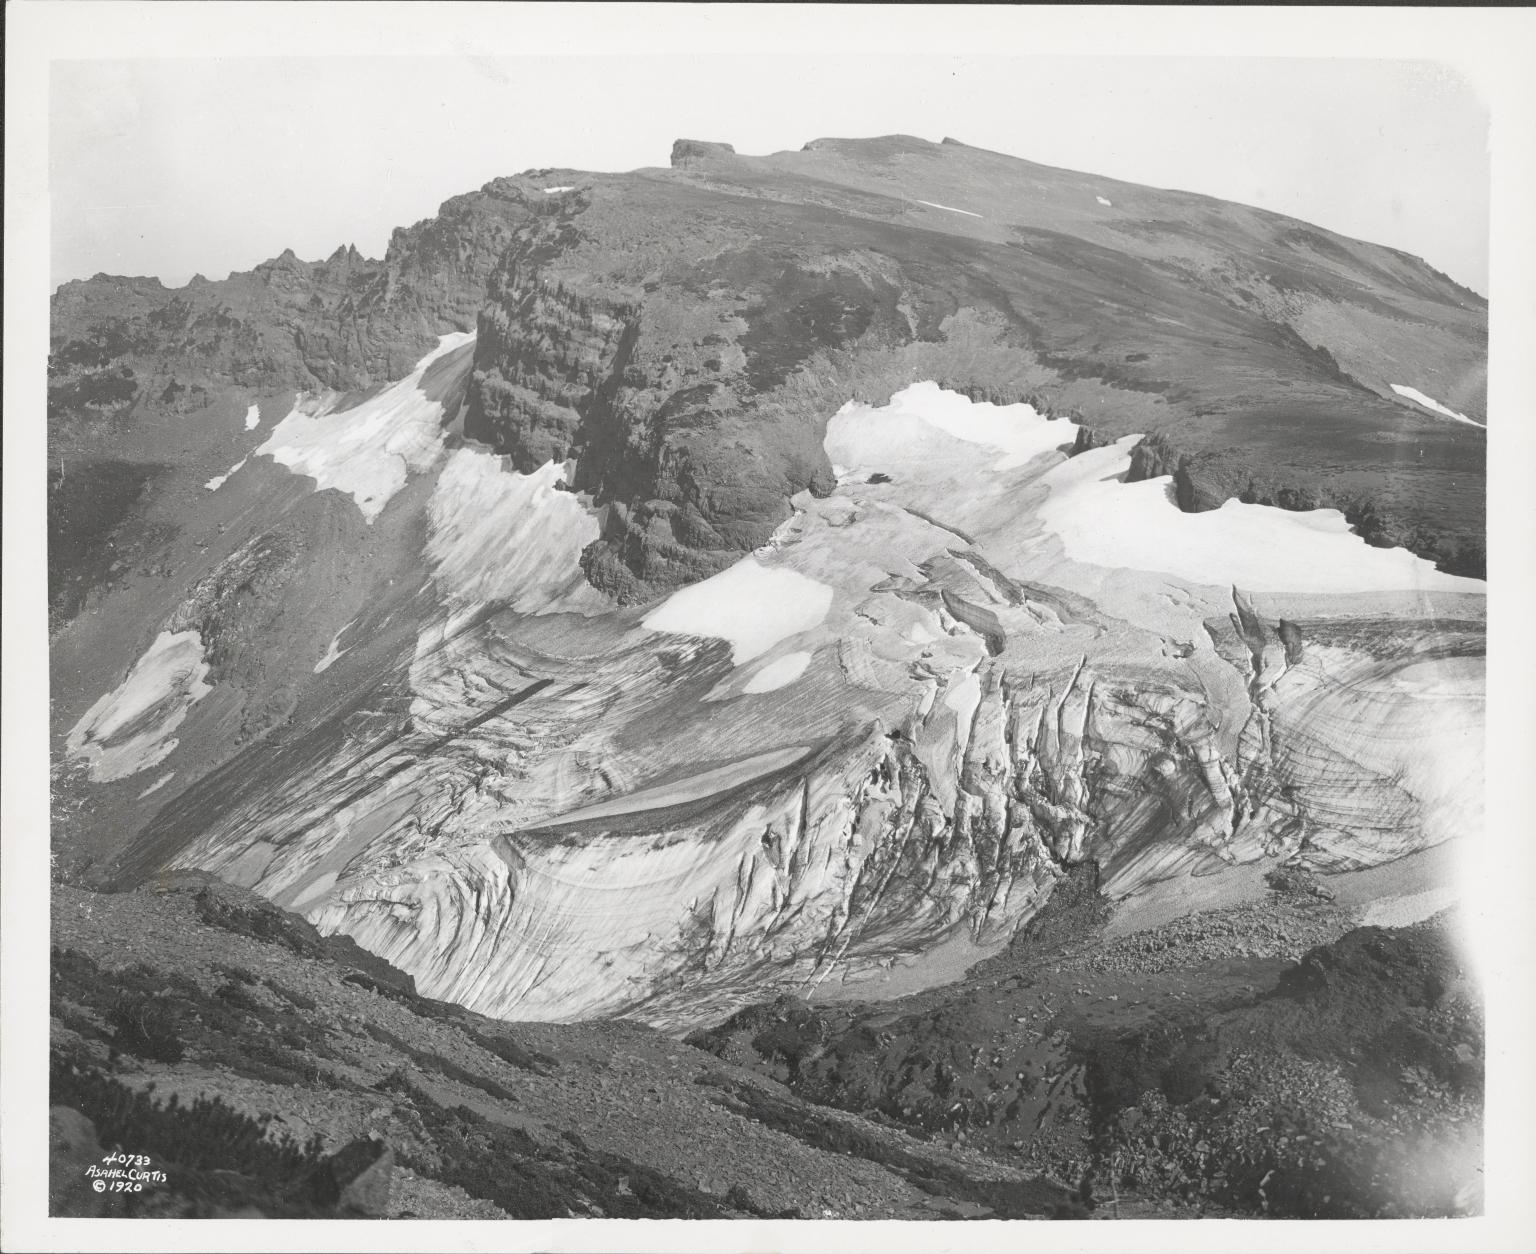 Sarvant Glacier, Washington